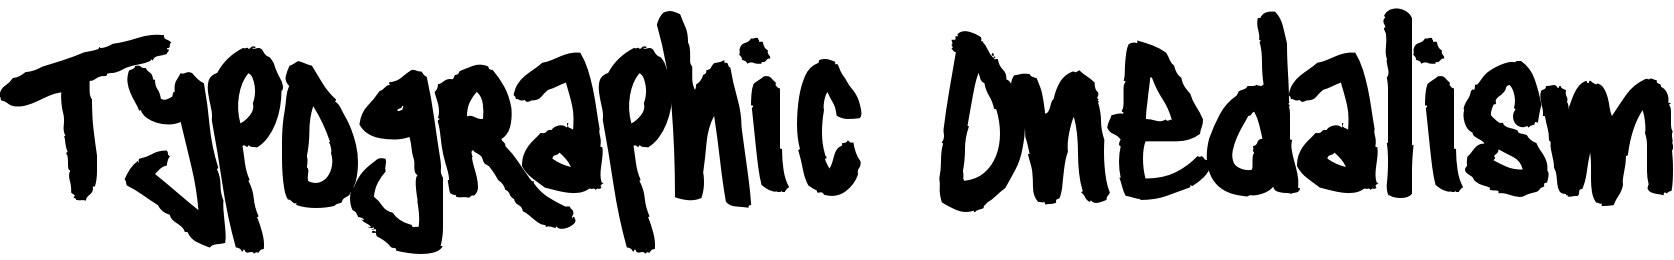 Typographic Onedalism